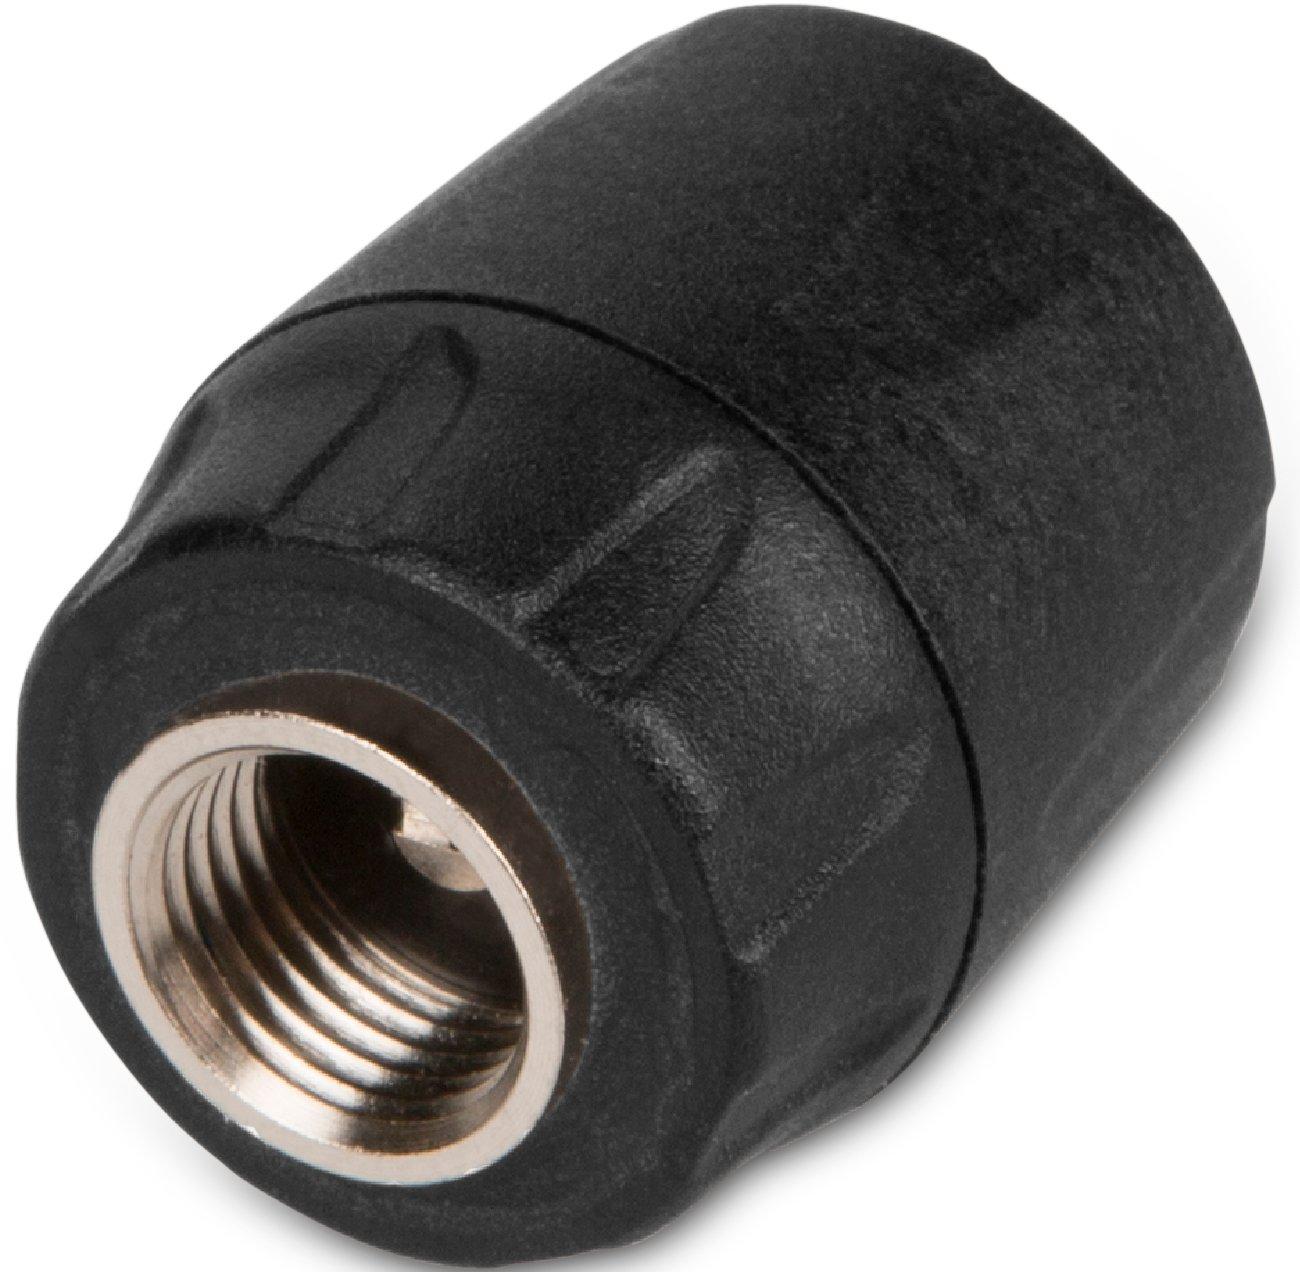 Garmin Tire Pressure Monitor Sensor Image 2